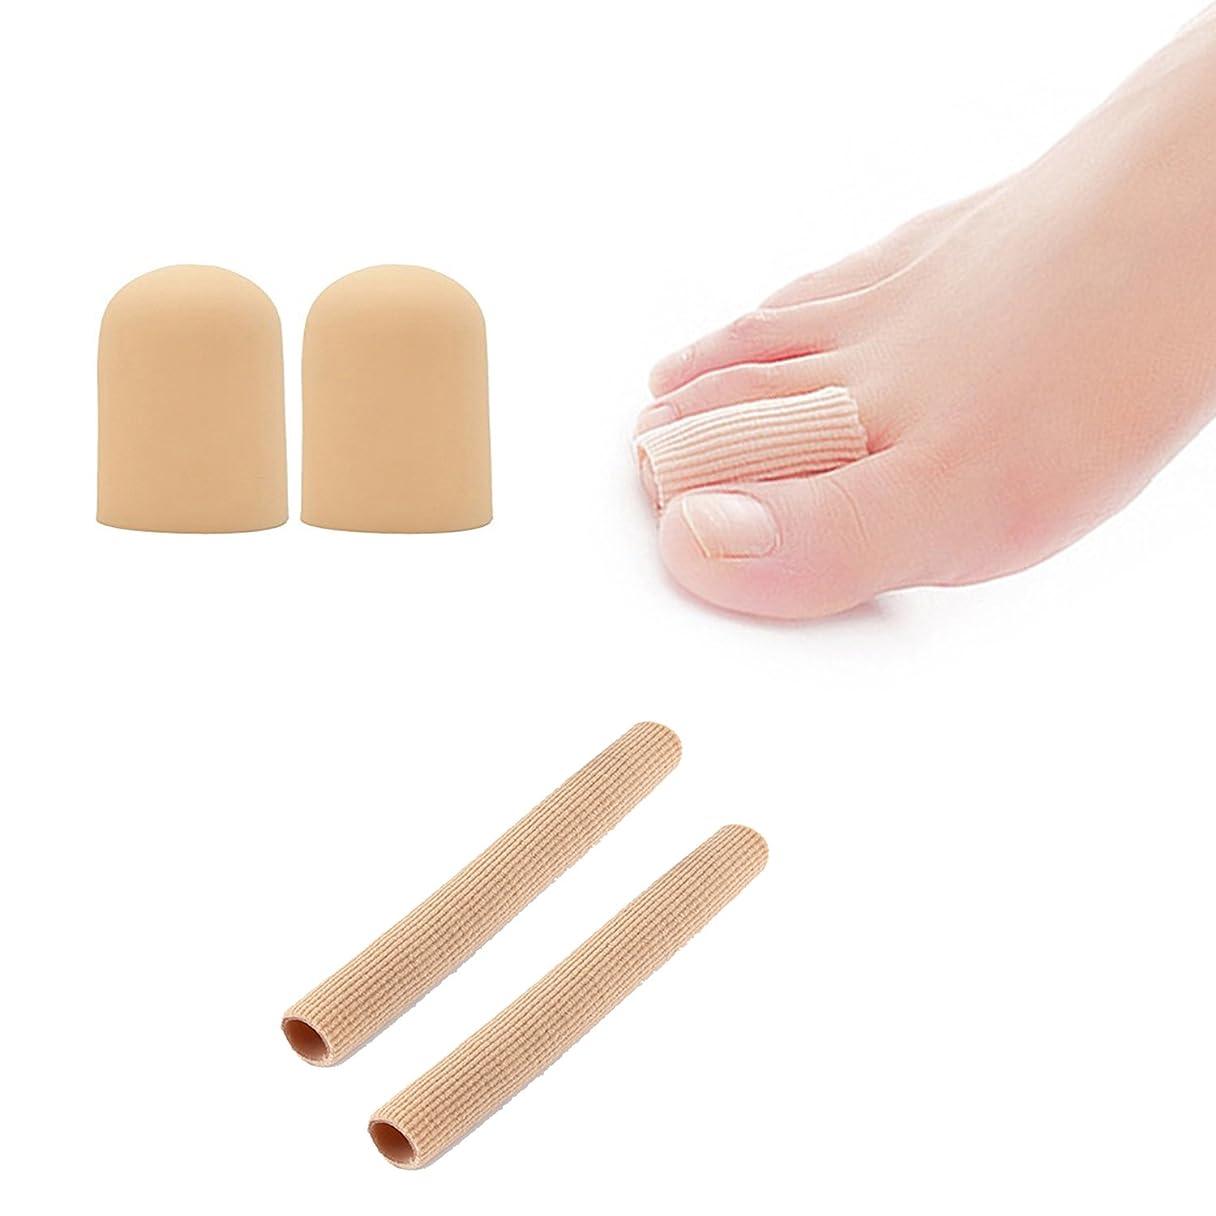 責め販売員動機付ける足指保護キャップ つま先プロテクター 足先のつめ保護キャップ シリコン 調整可能